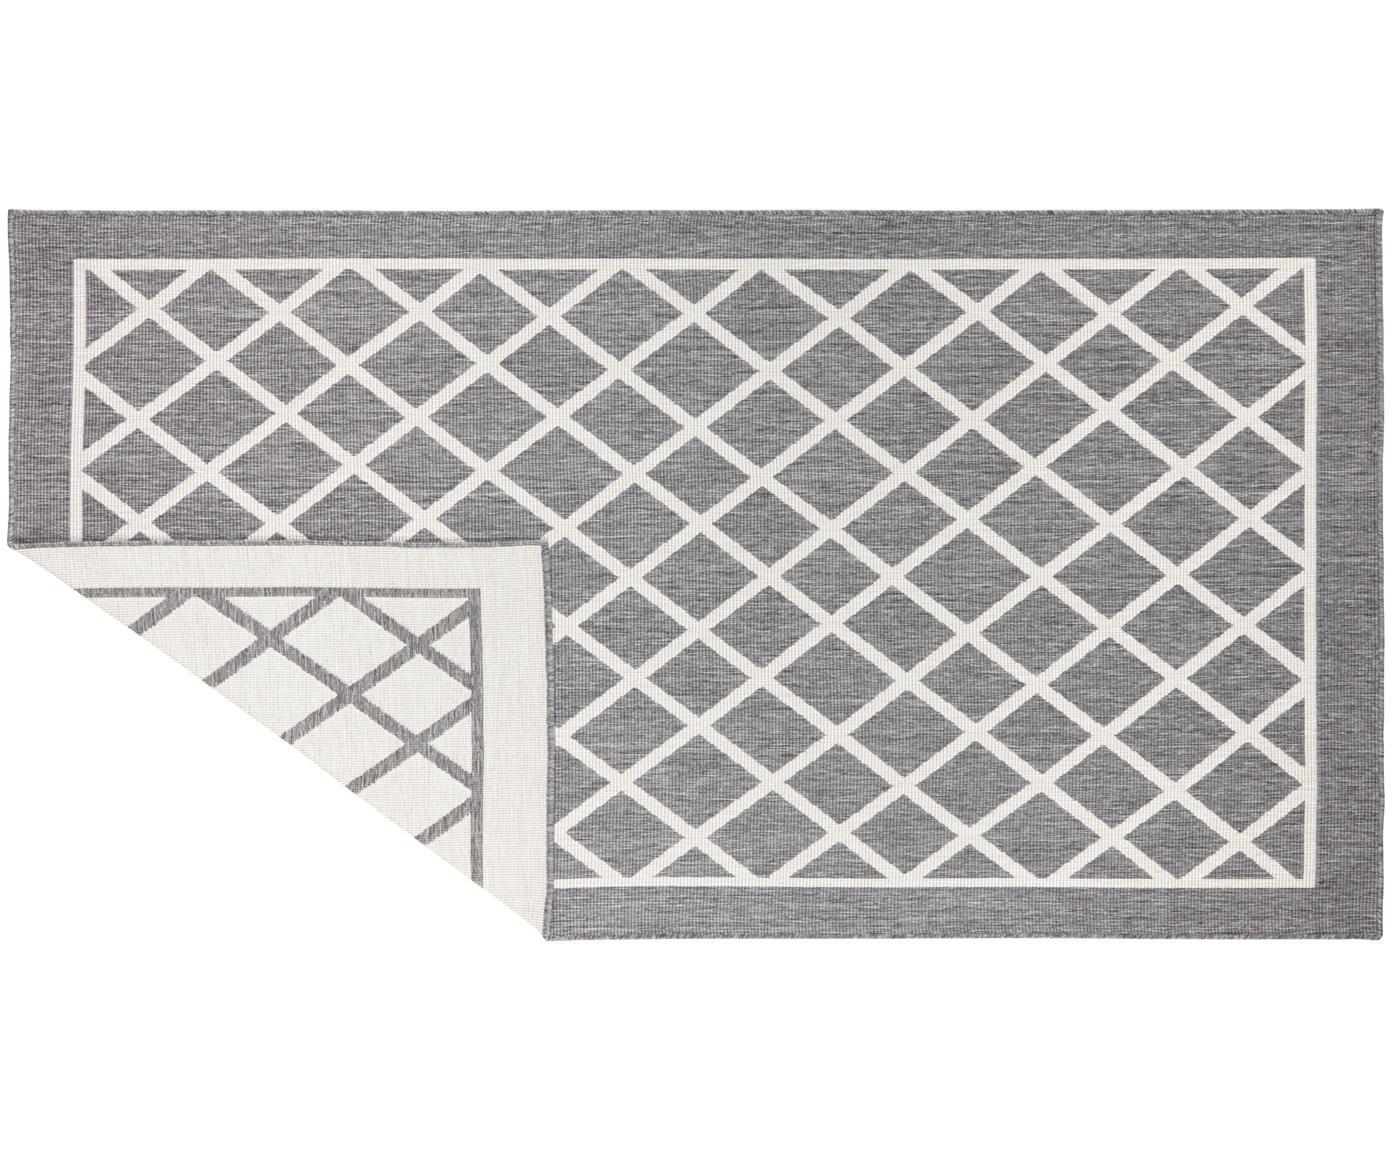 Dwustronny dywan wewnętrzny/zewnętrzny Sydney, Szary, kremowy, S 80 x D 150 cm (Rozmiar XS)